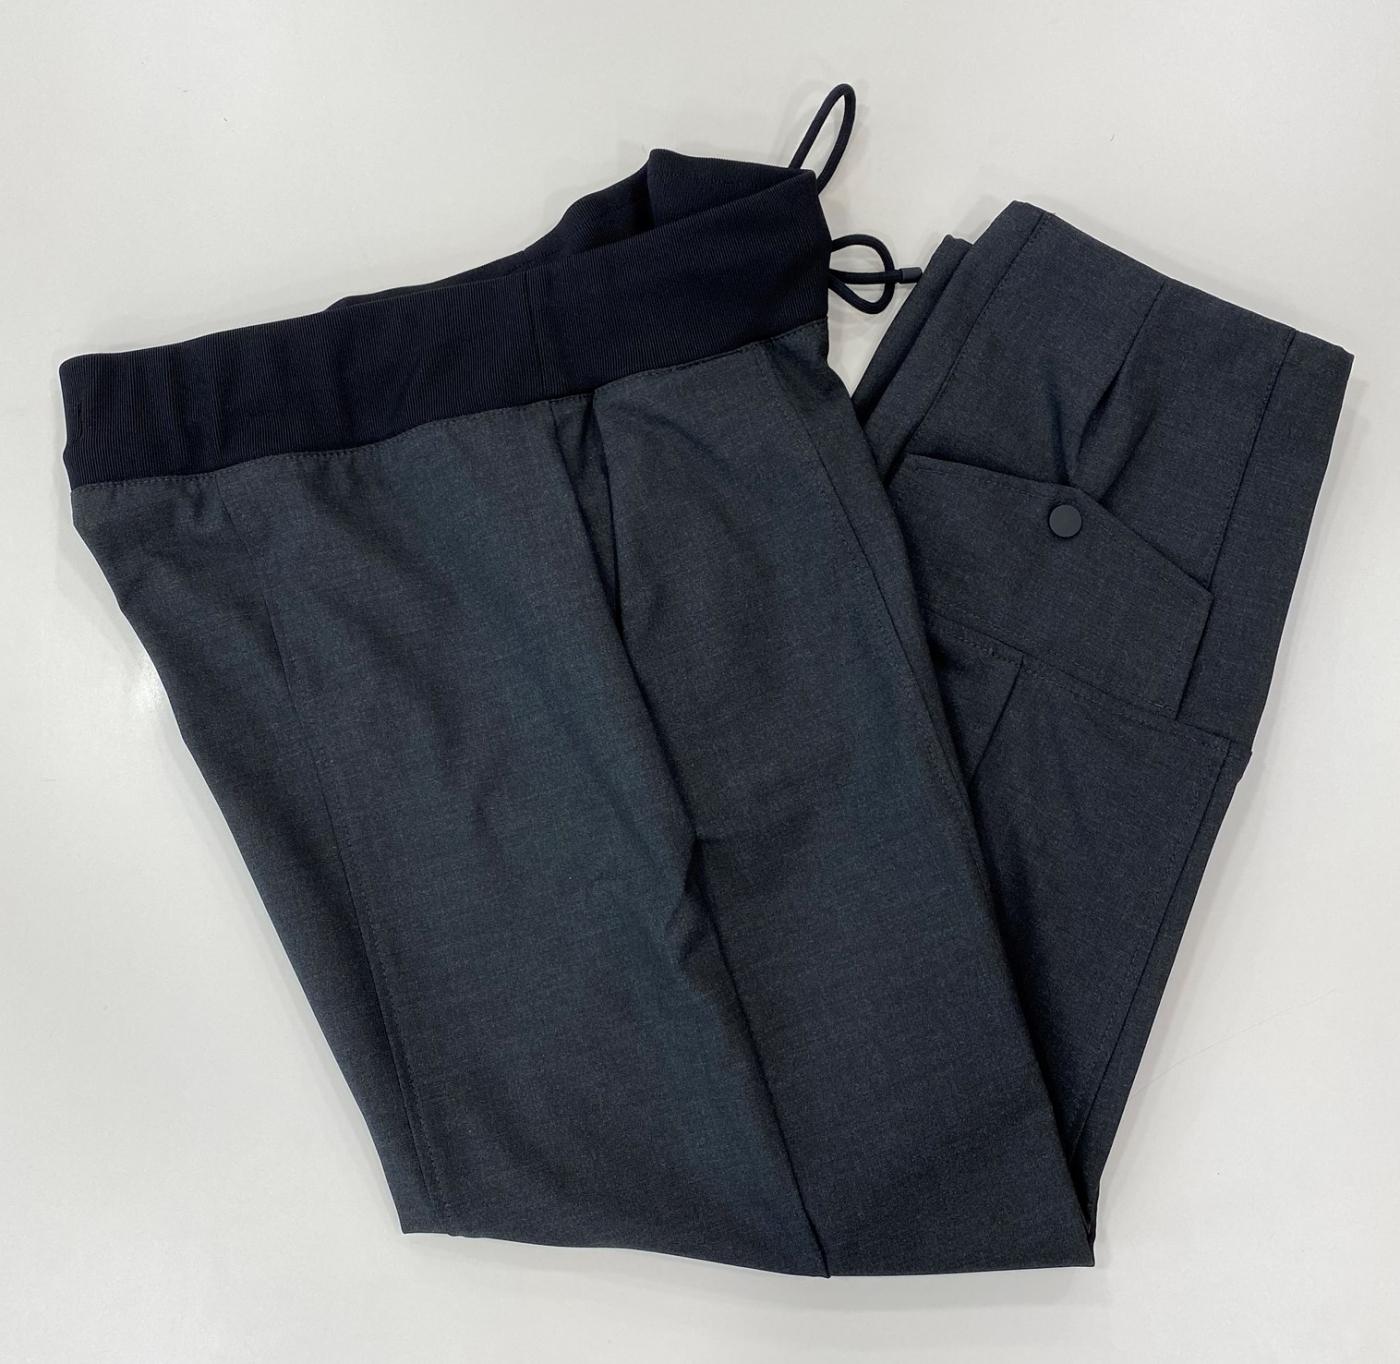 MAC JEANS Pantalón gris oscuro -